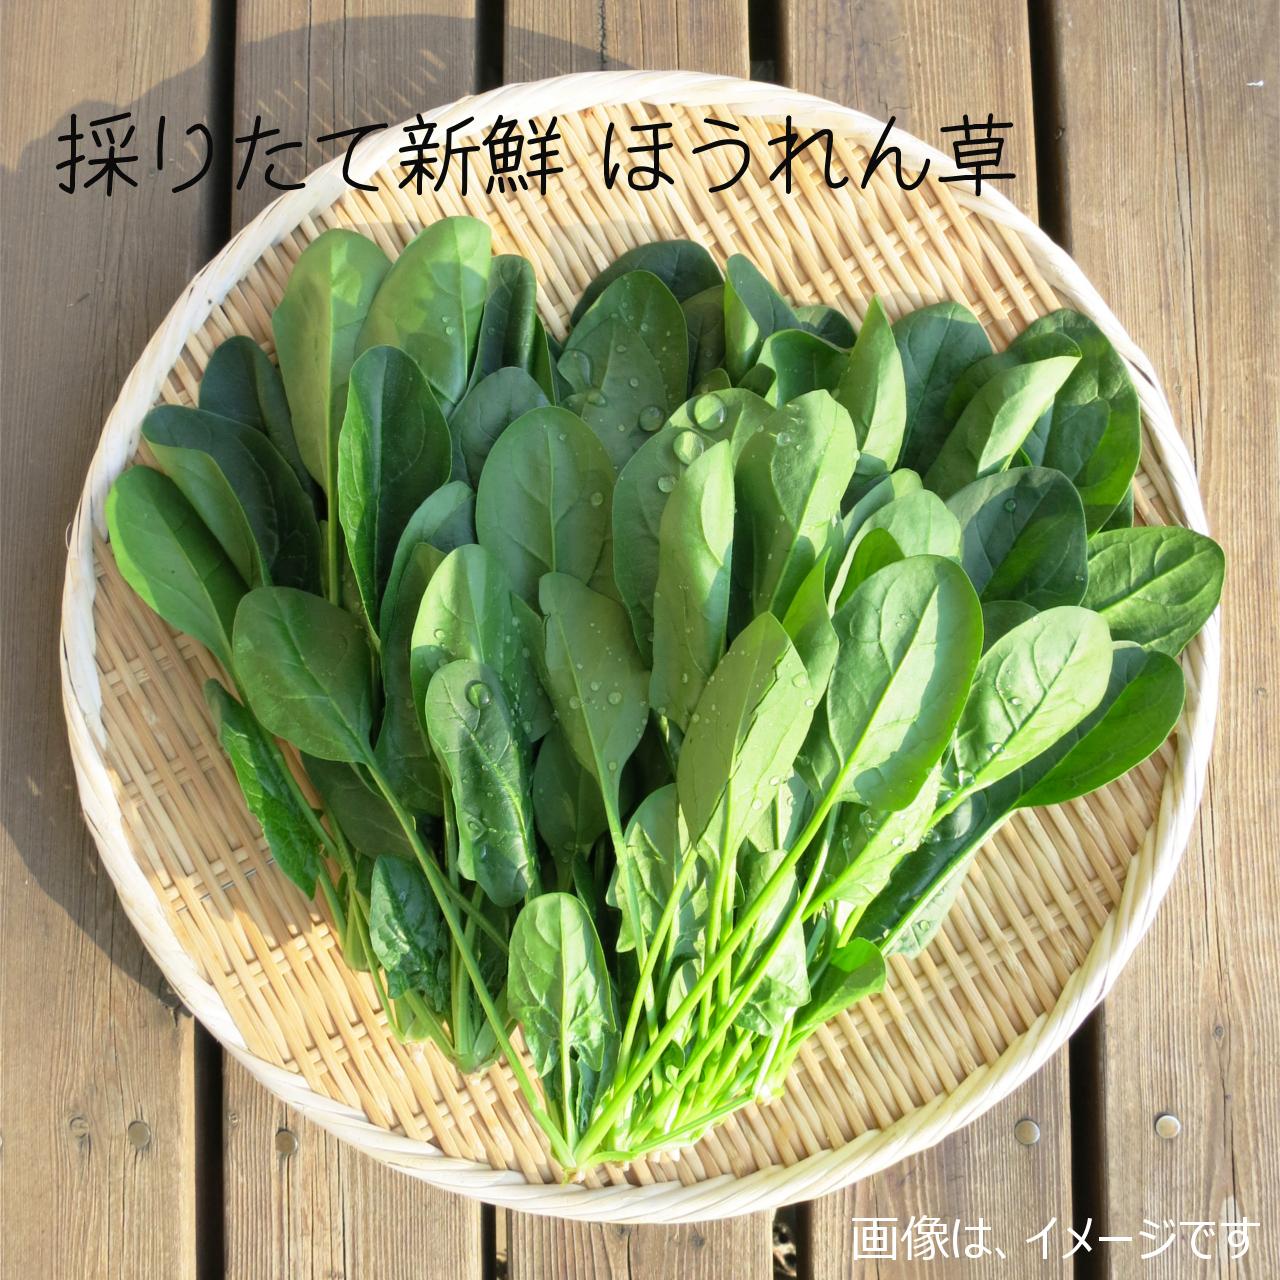 ホウレンソウ 約300g : 6月の朝採り直売野菜 6月15日発送予定